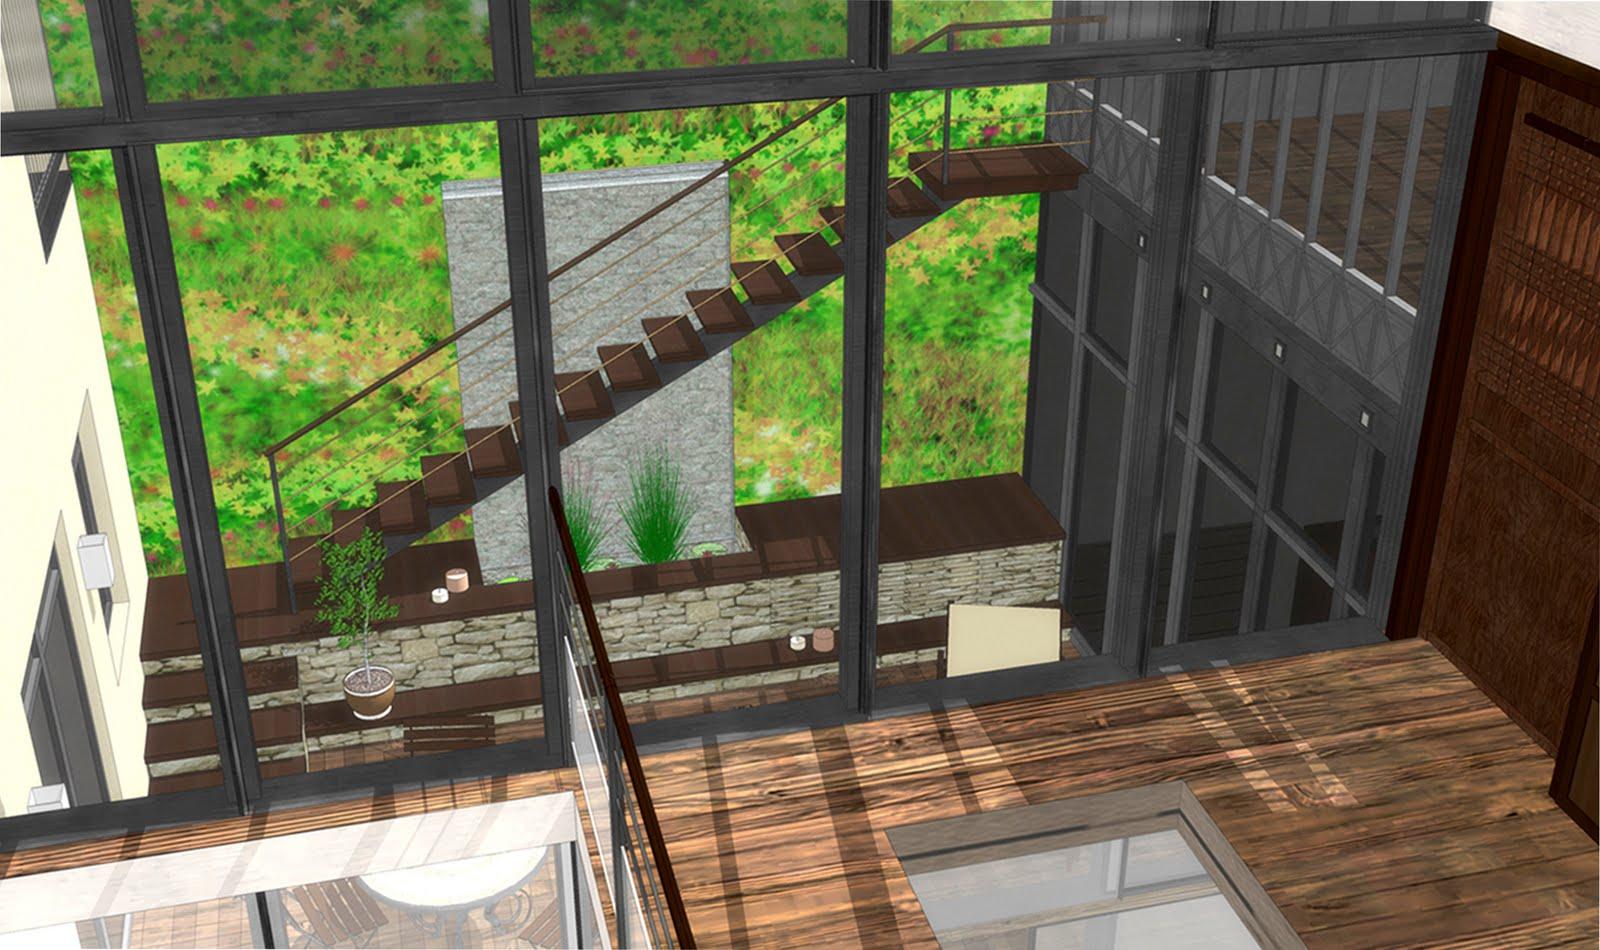 Maison moderne avecpatio - Plan de maison avec patio ...